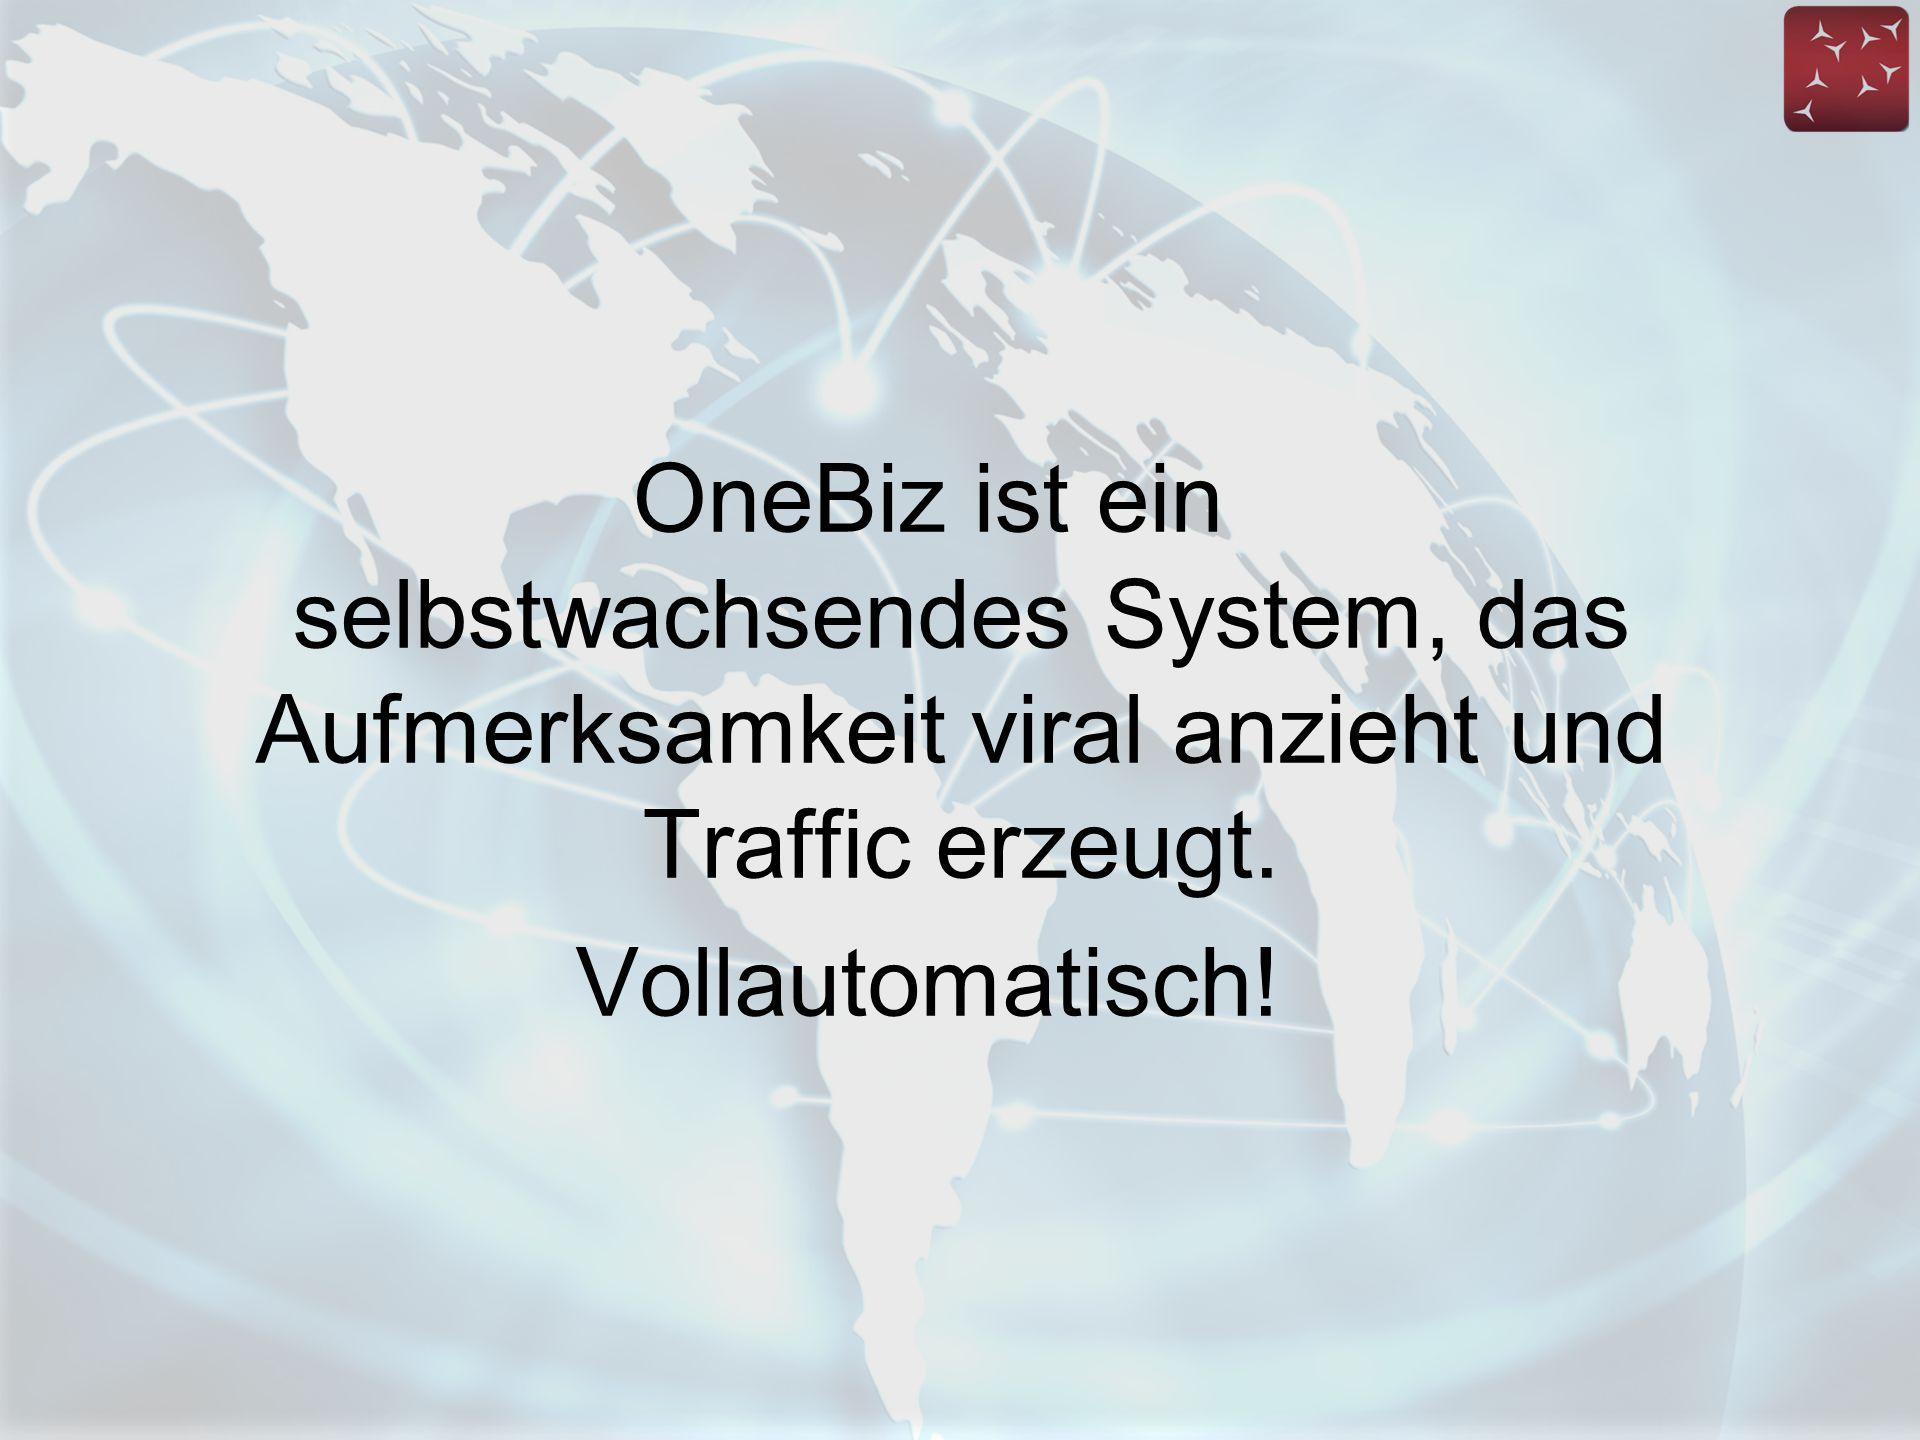 OneBiz ist ein selbstwachsendes System, das Aufmerksamkeit viral anzieht und Traffic erzeugt.